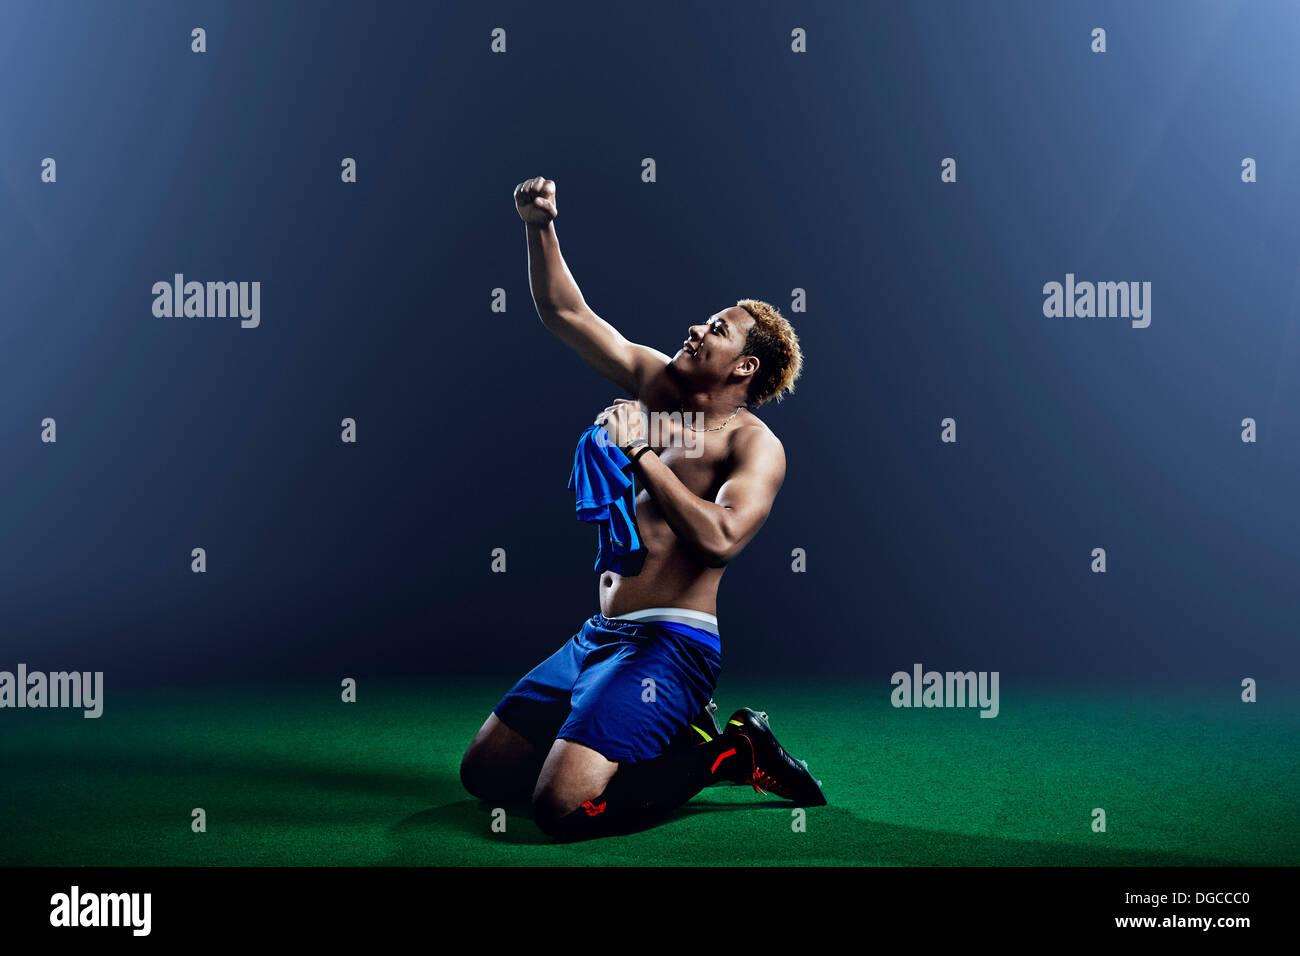 Maschio di giocatore di calcio in ginocchio con il braccio sollevato Immagini Stock